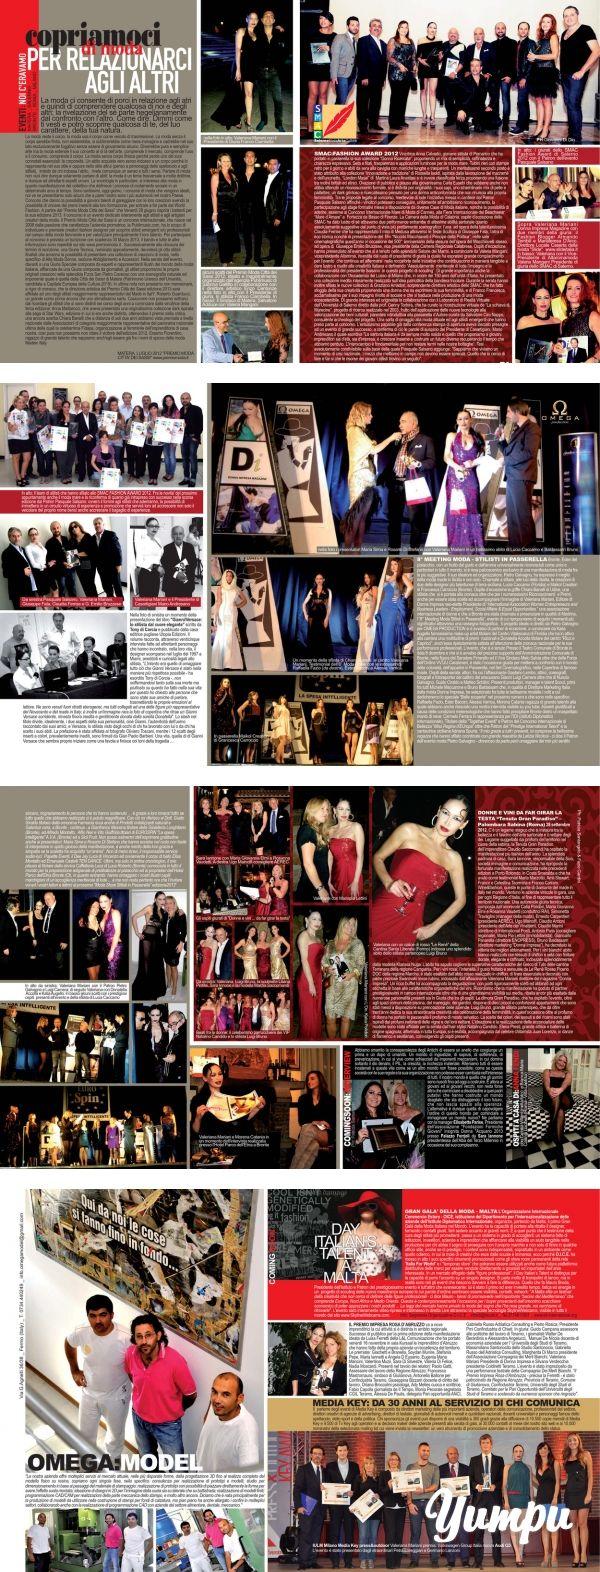 PER RELAZIONARCI AGLI ALTRI - eventi http://www.donnaimpresa.com - Magazine with 7 pages: